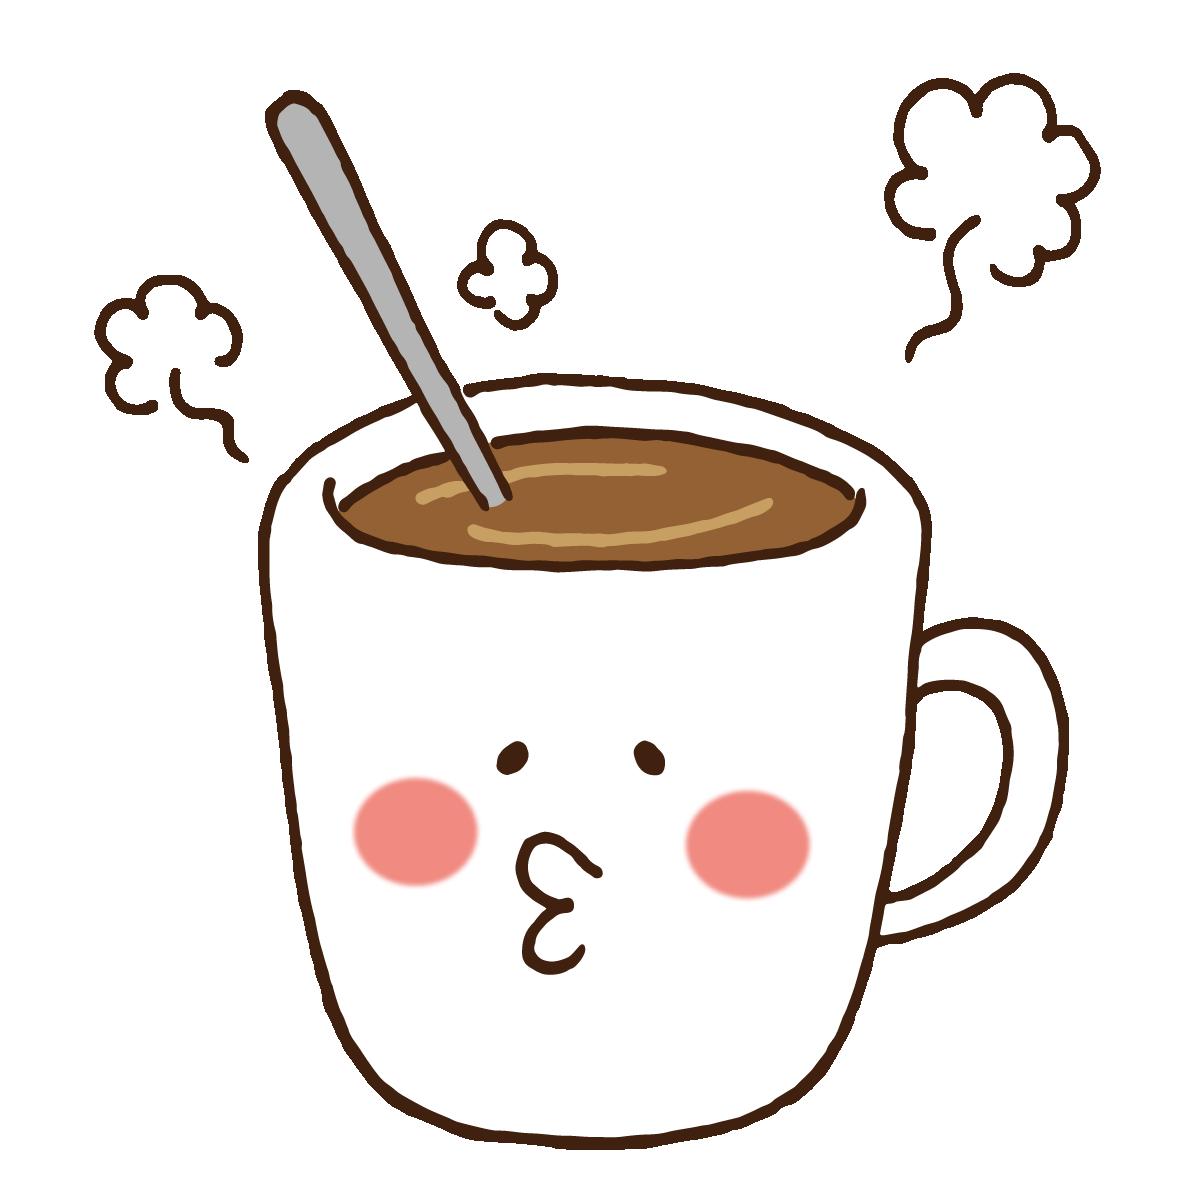 ゆるいマグカップのキャラクター 無料イラスト愛